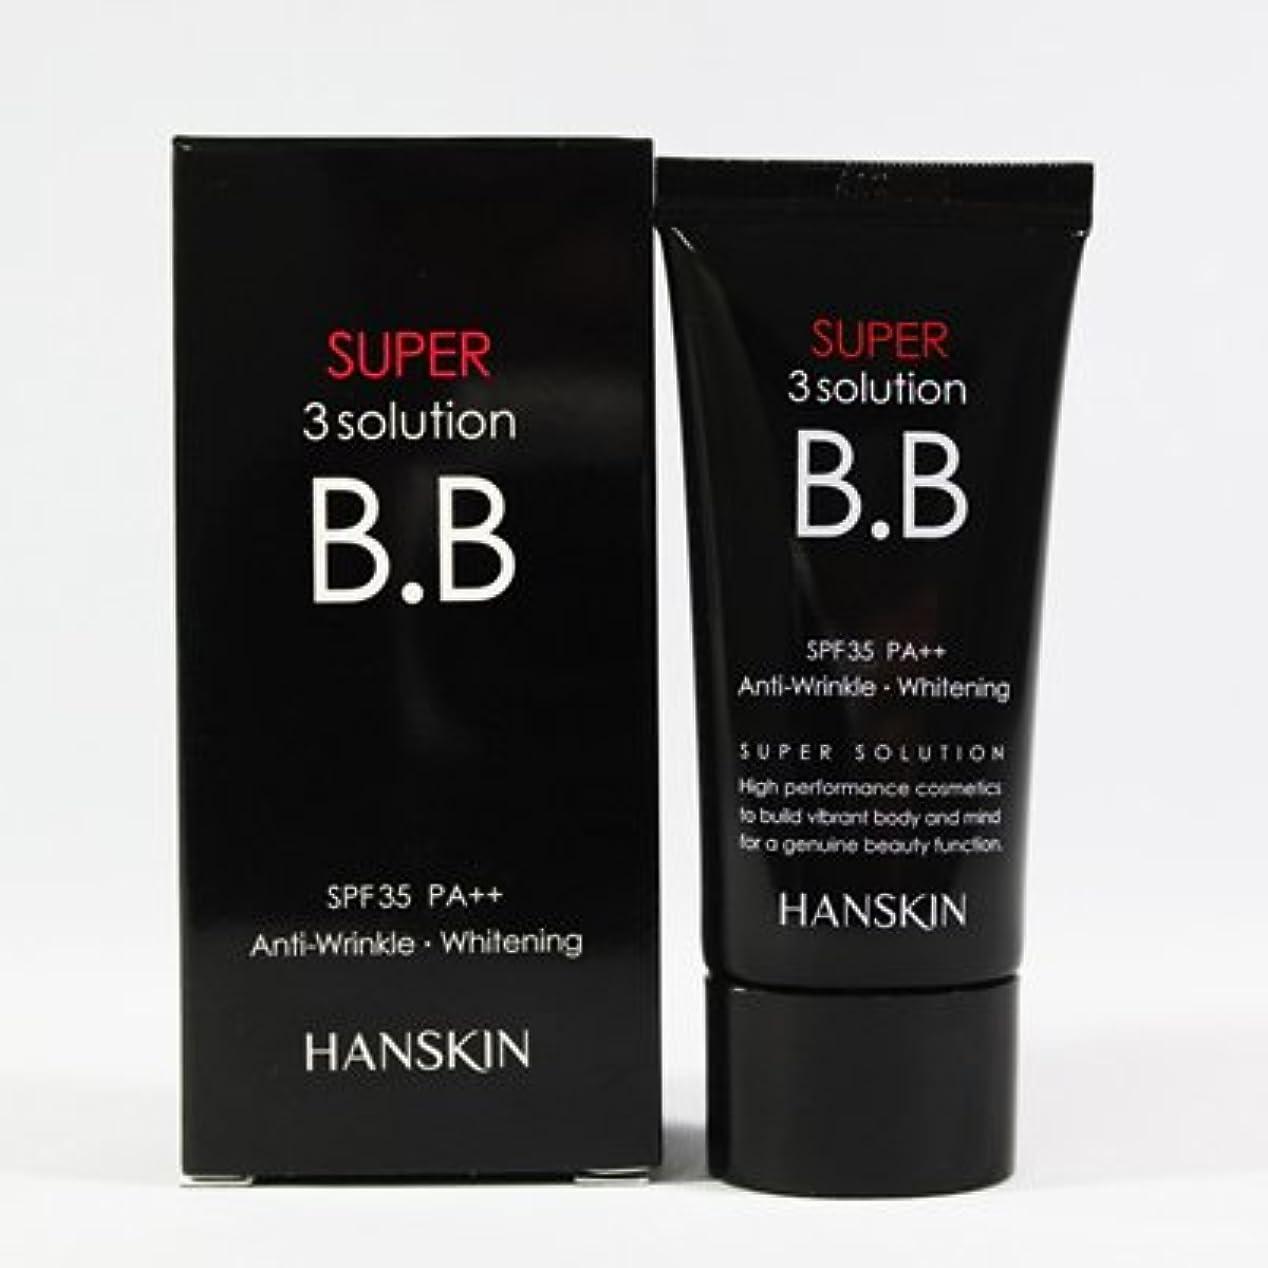 ブレークドームまた明日ねHANSKIN ハンスキン スーパー3ソリューションBBクリーム(30g)